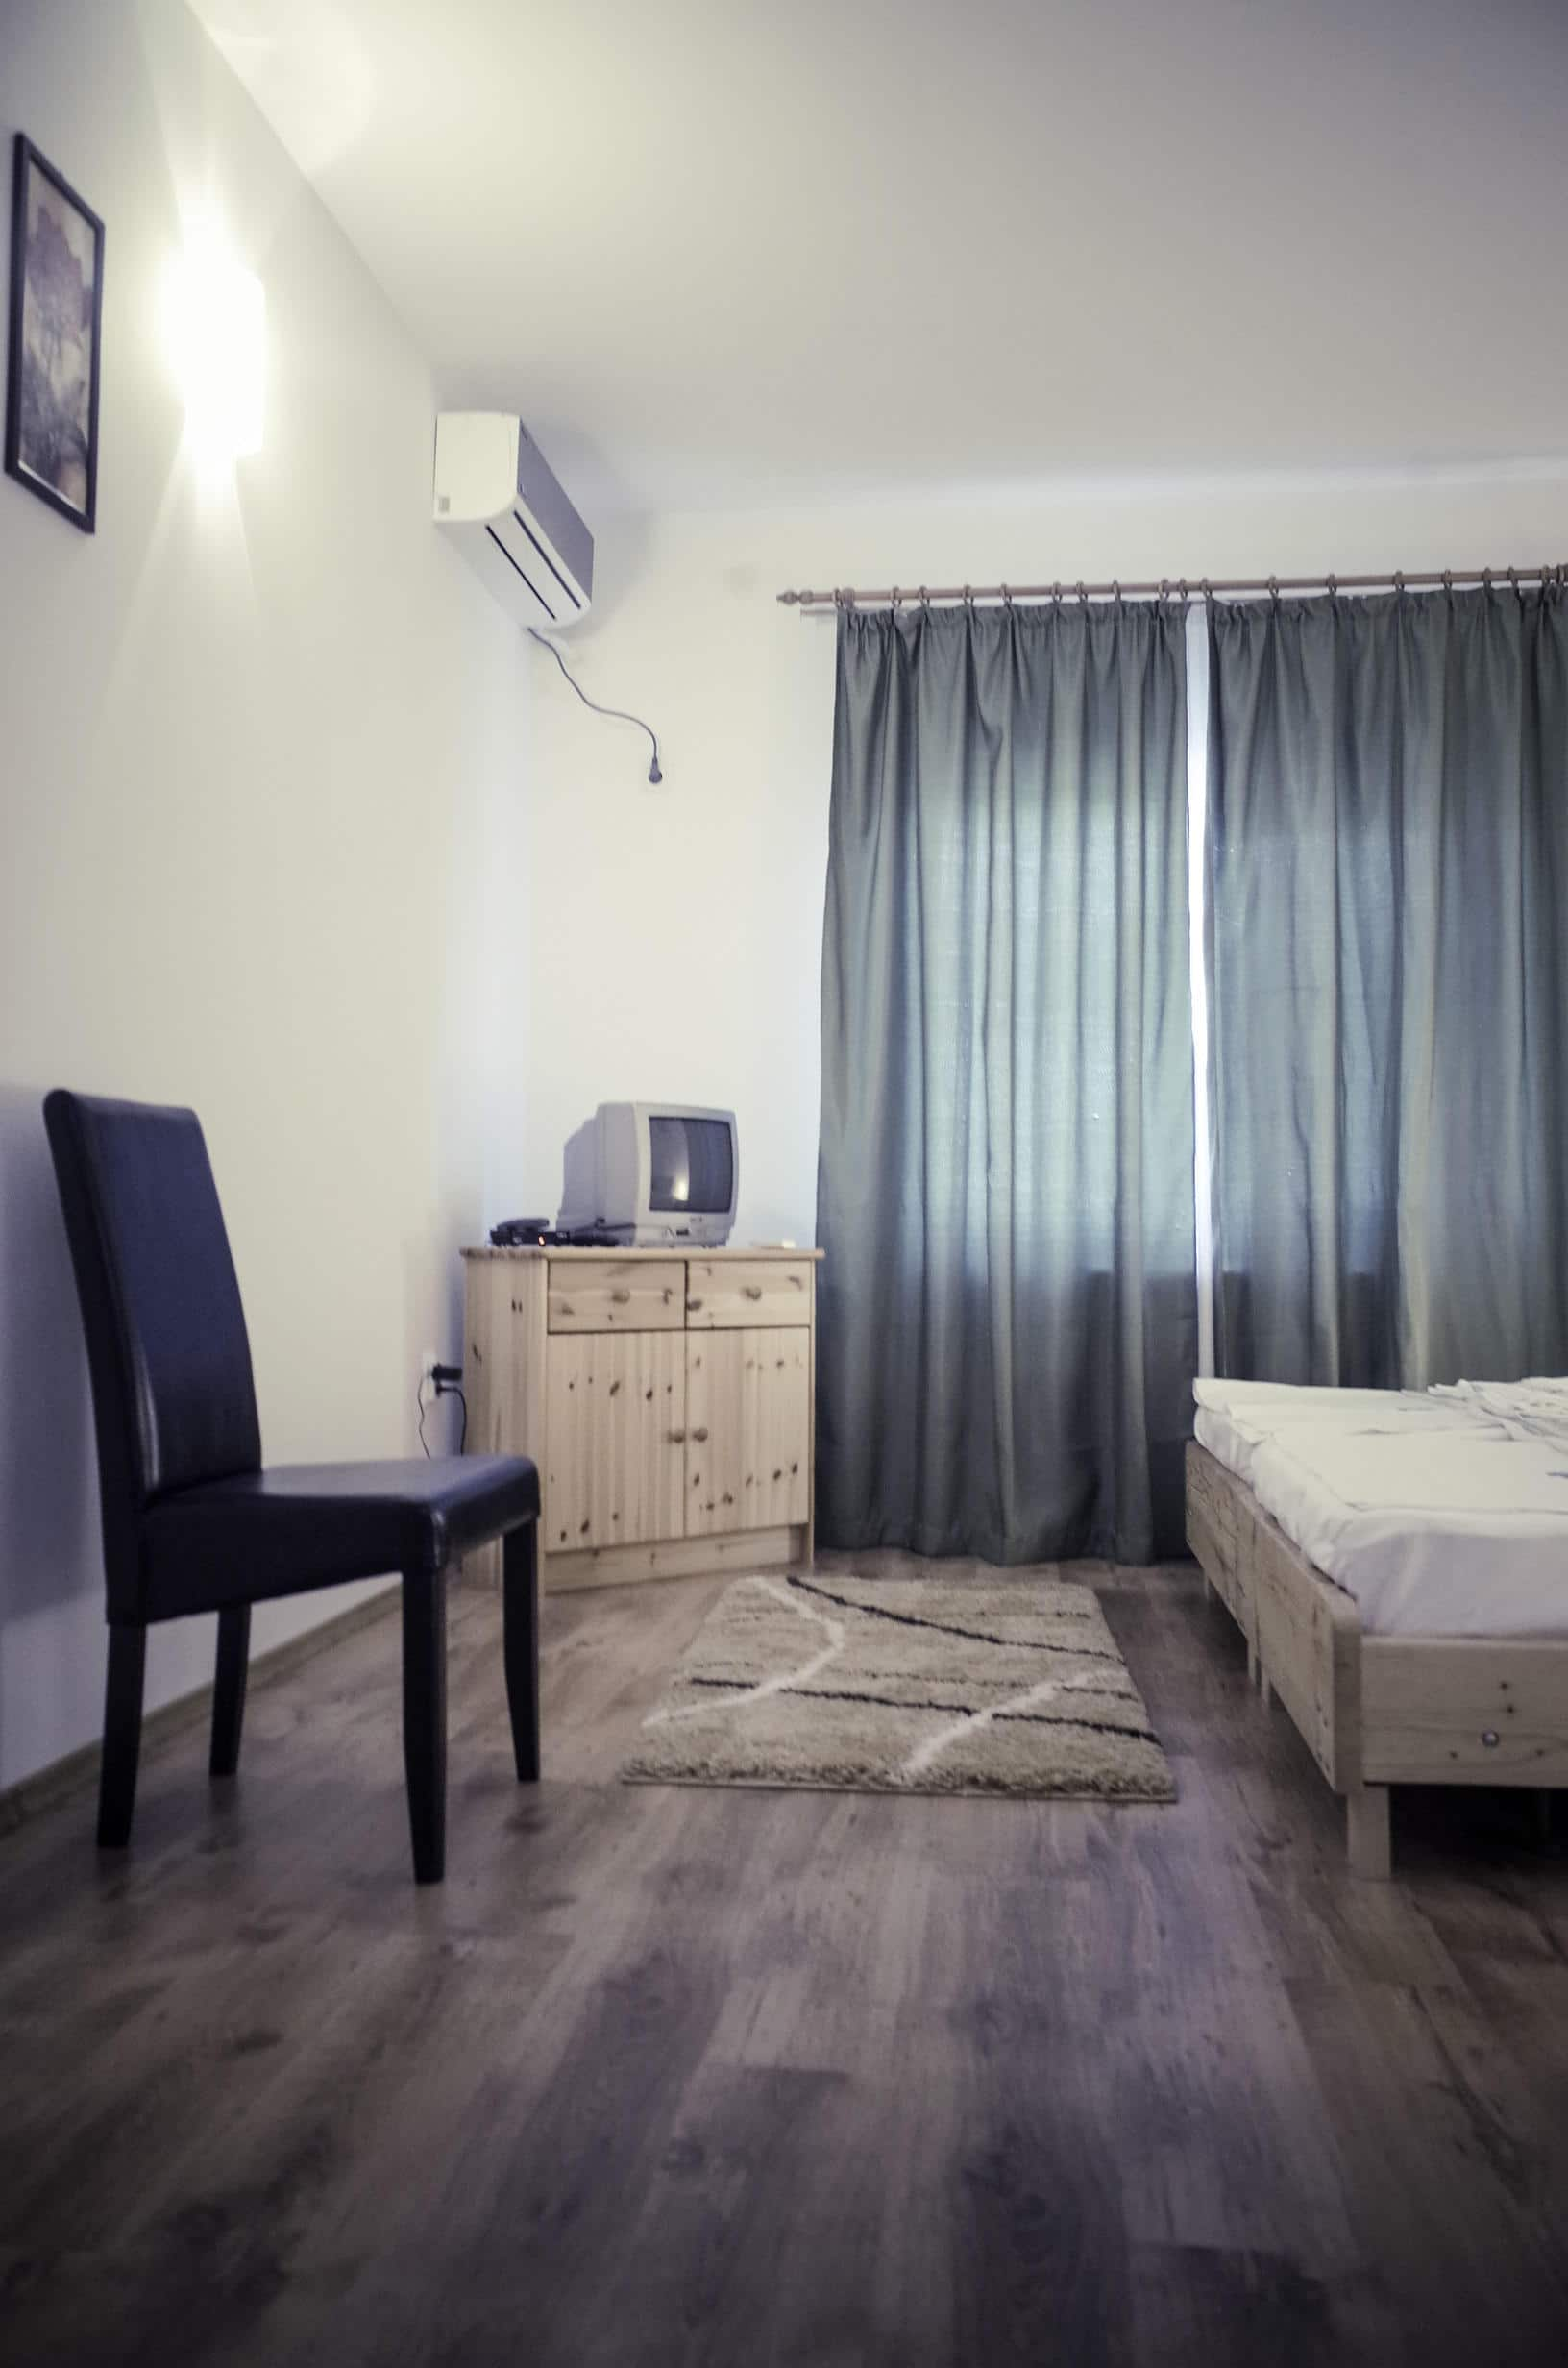 Room no. 1-1